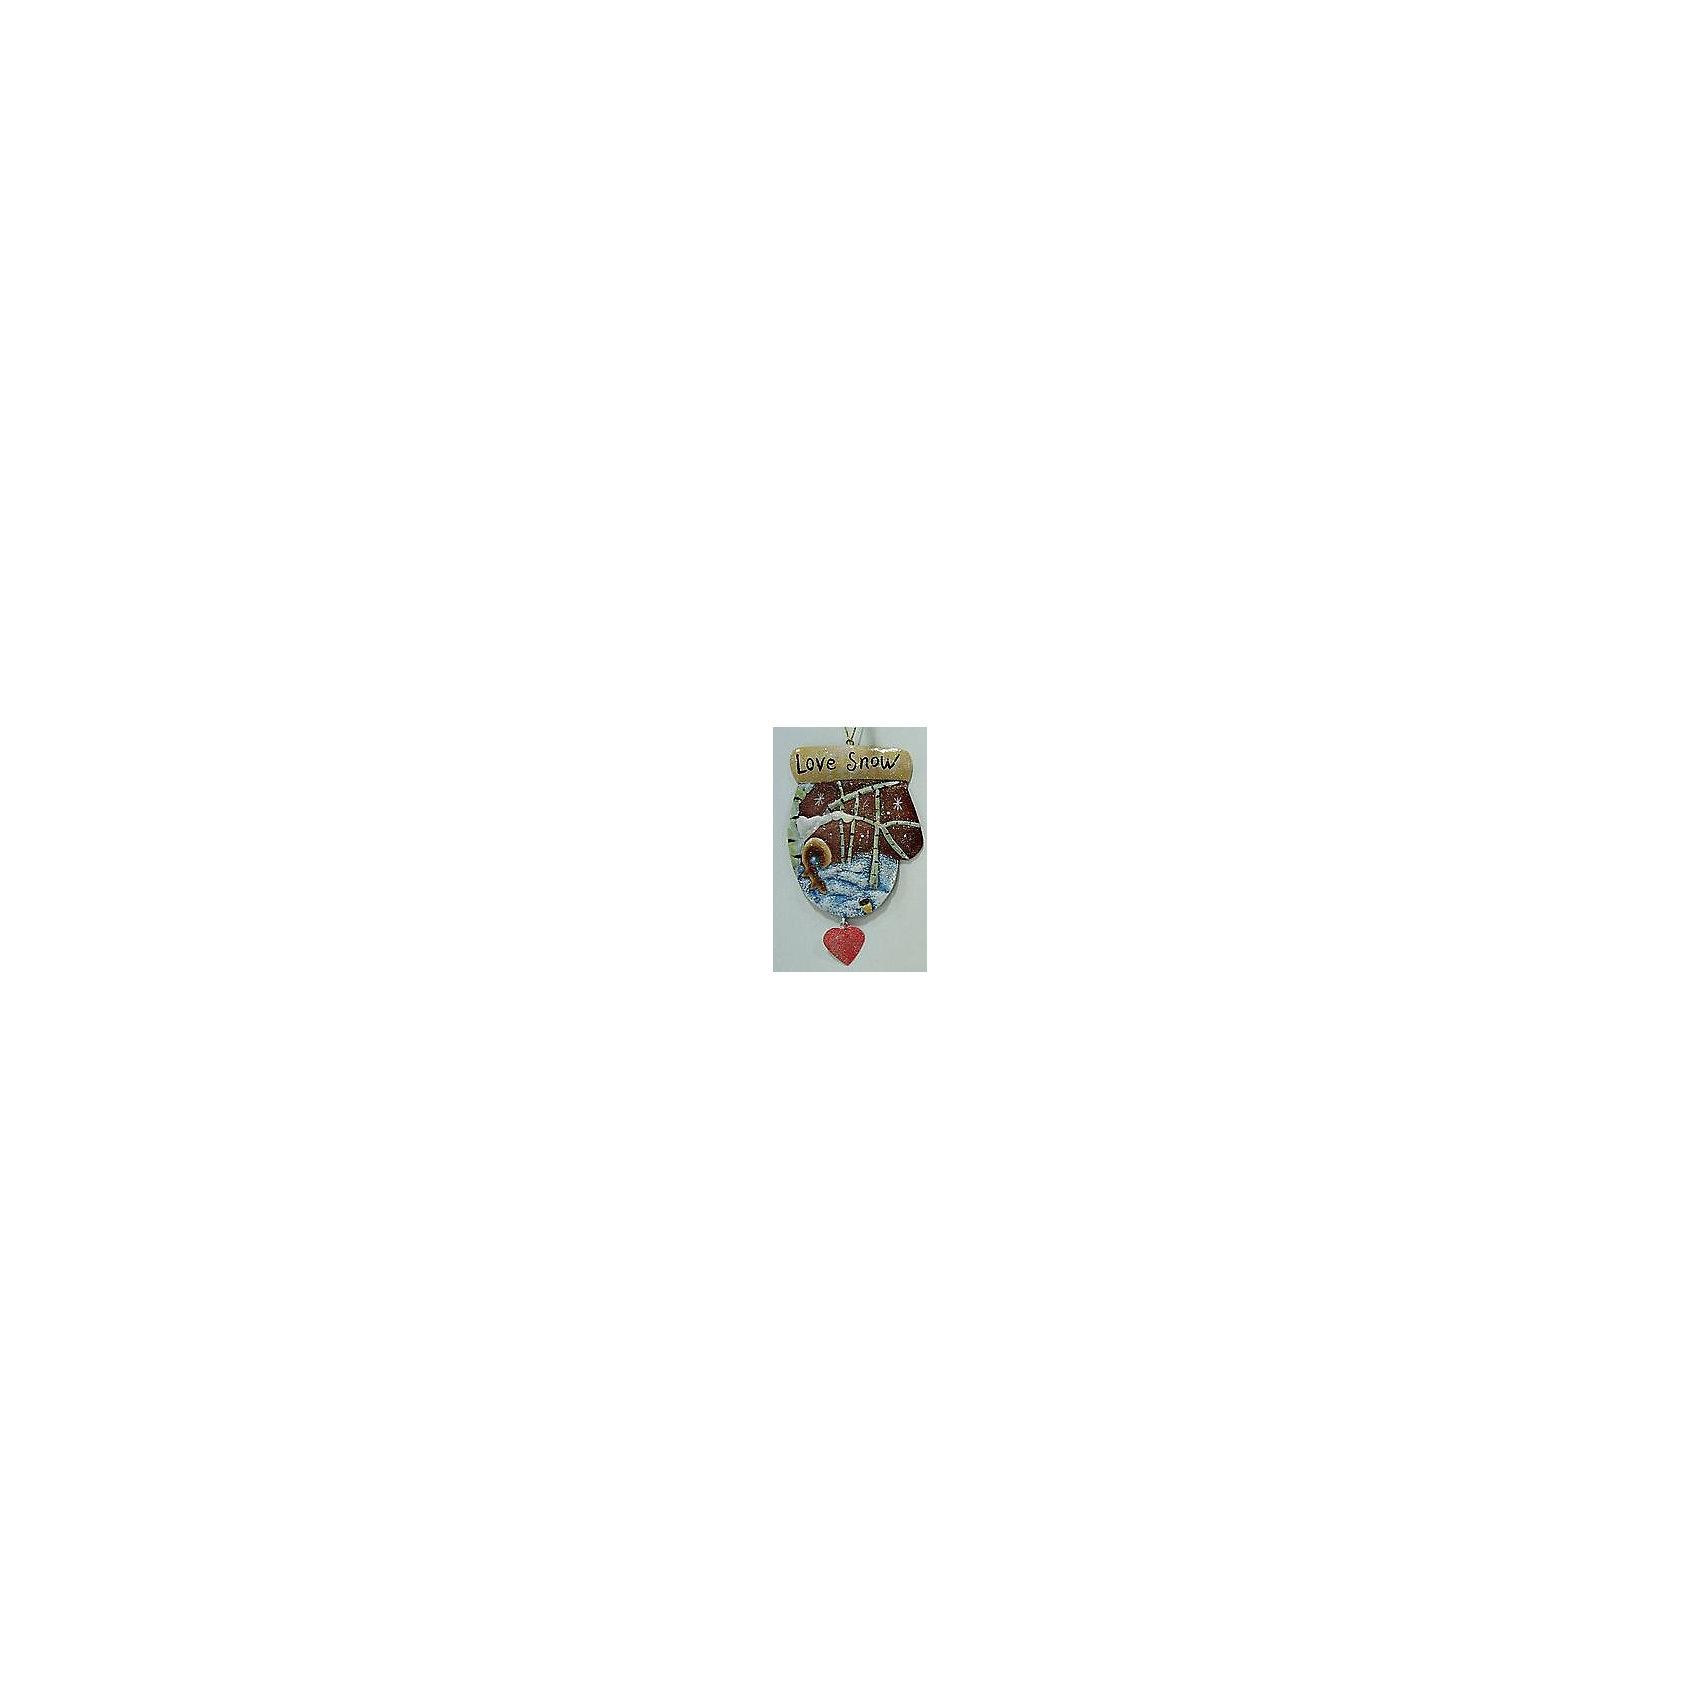 Феникс-Презент Новогоднее подвесное украшение (8х0,1х14,5см, окрашенный черный металл) новогоднее подвесное украшение феникс презент кленовый лист